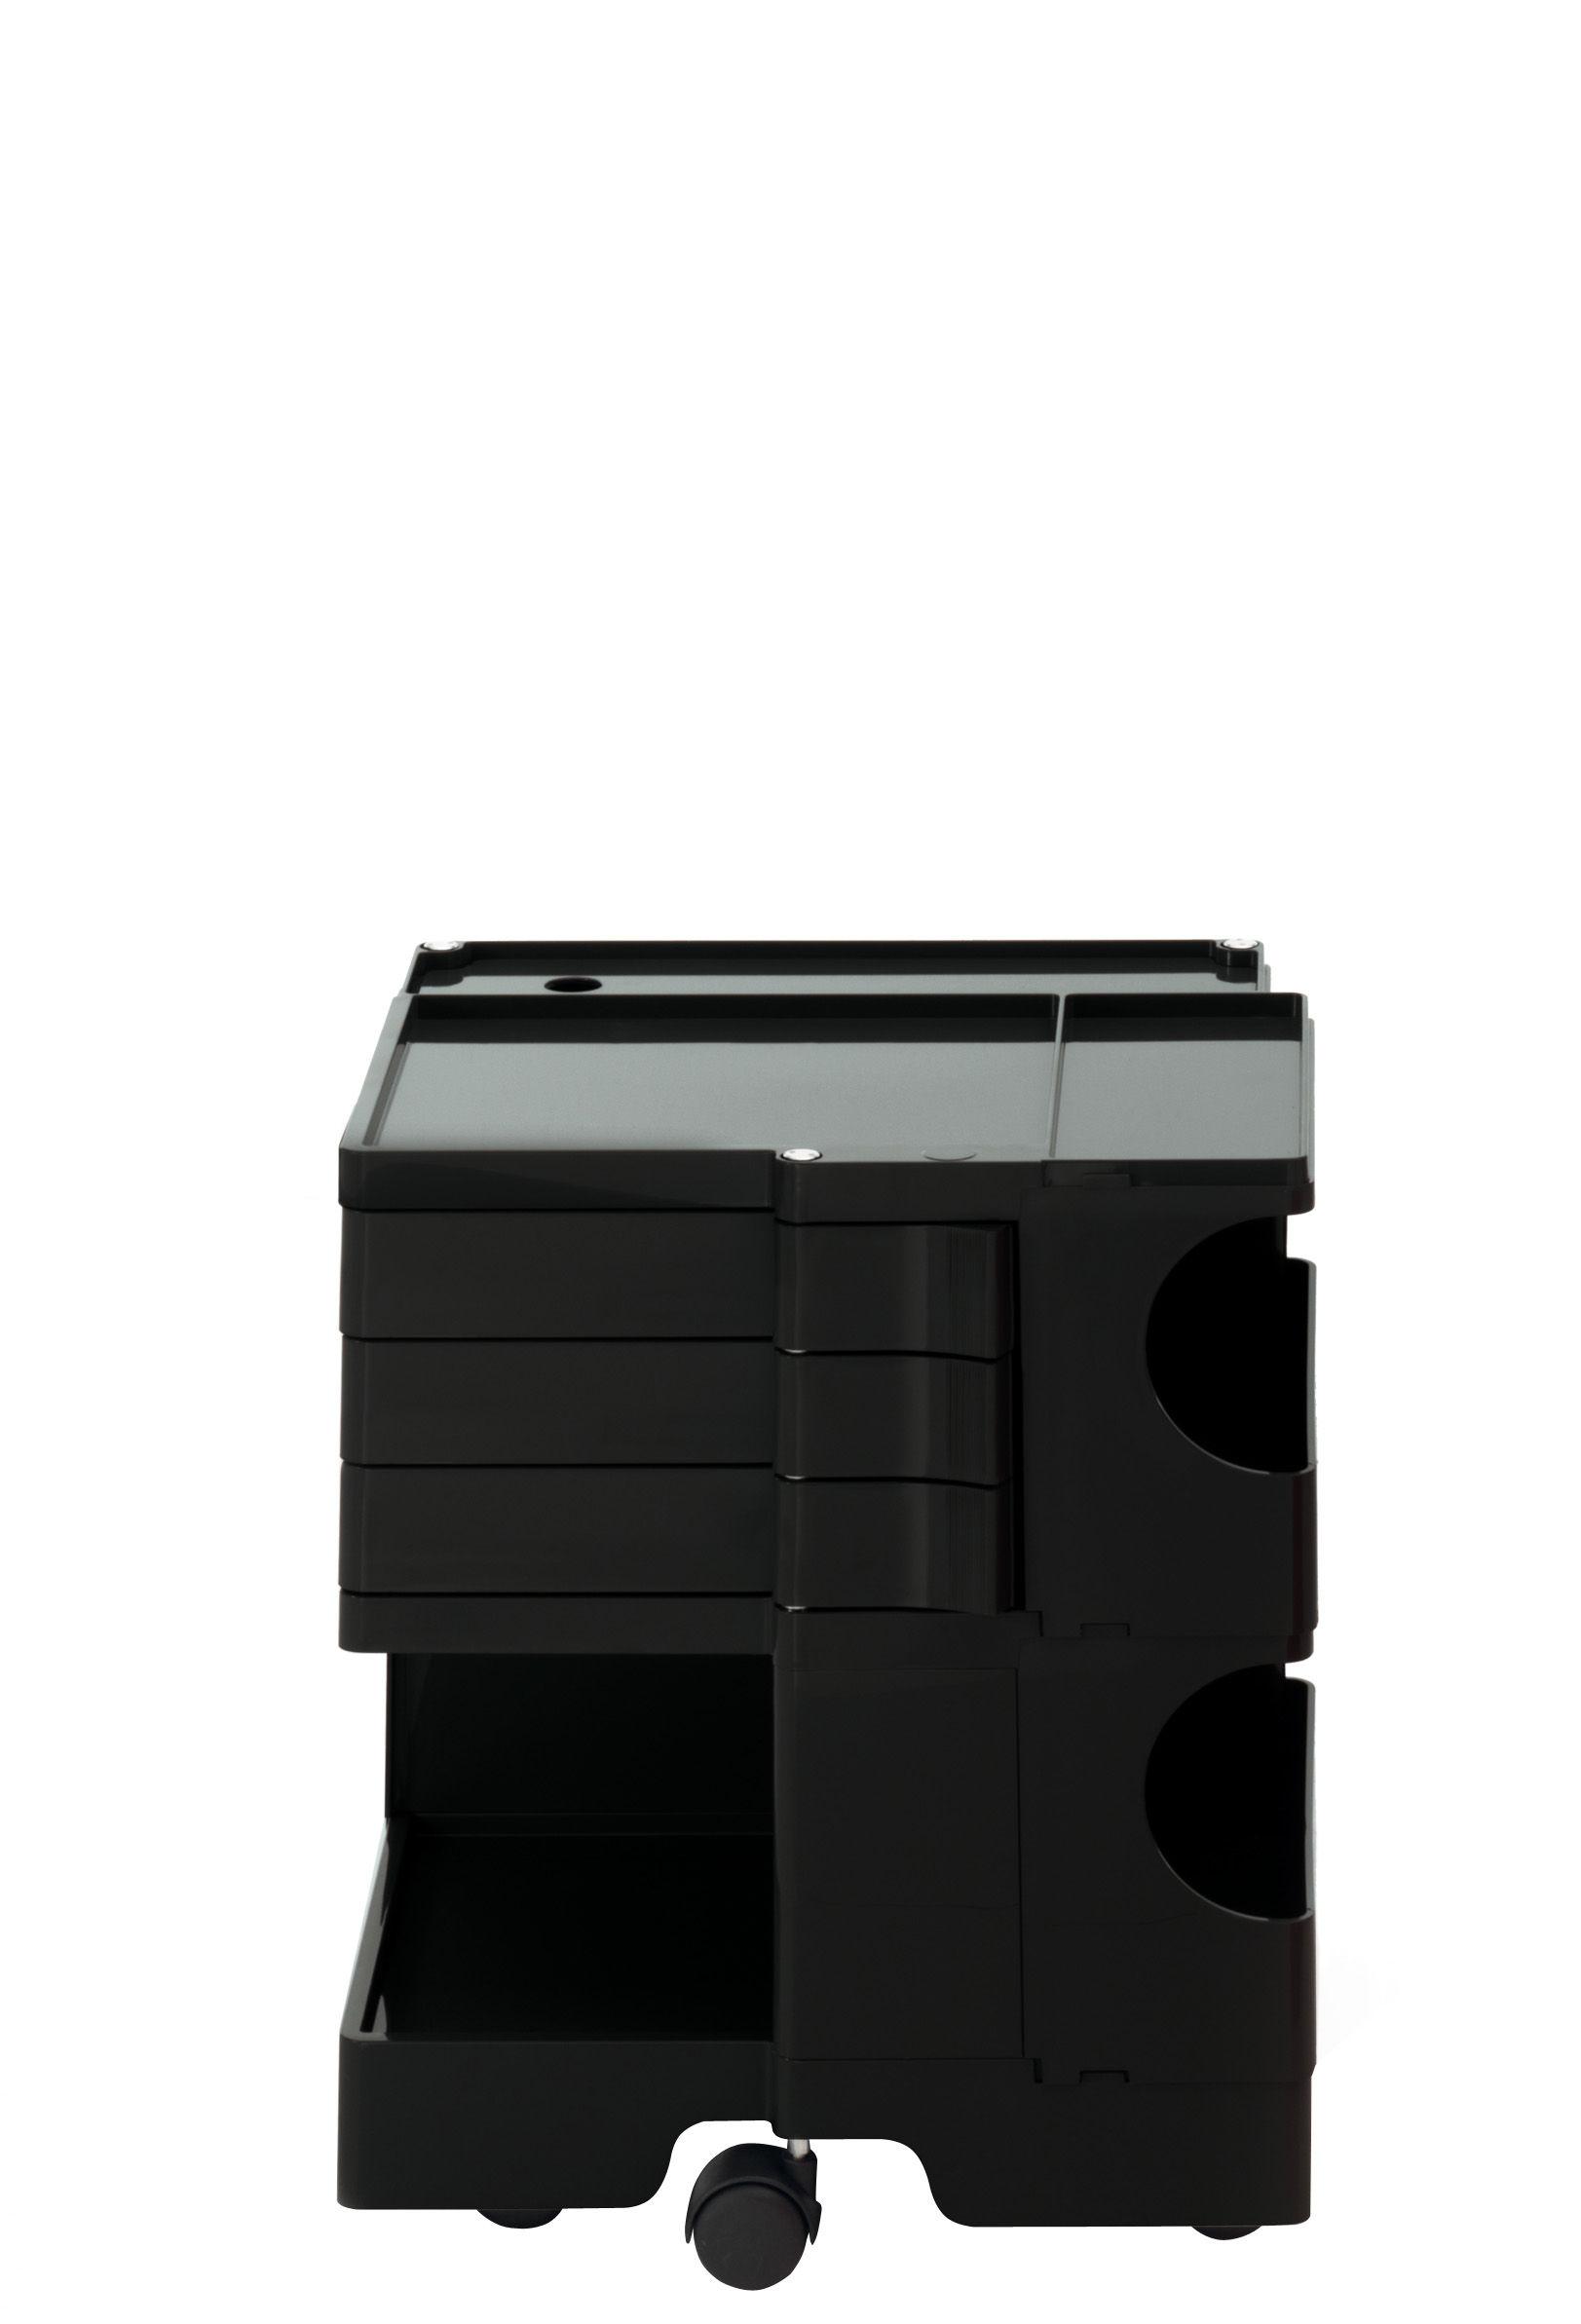 Mobilier - Compléments d'ameublement - Desserte Boby / H 52 cm - 3 tiroirs - B-LINE - Noir - ABS